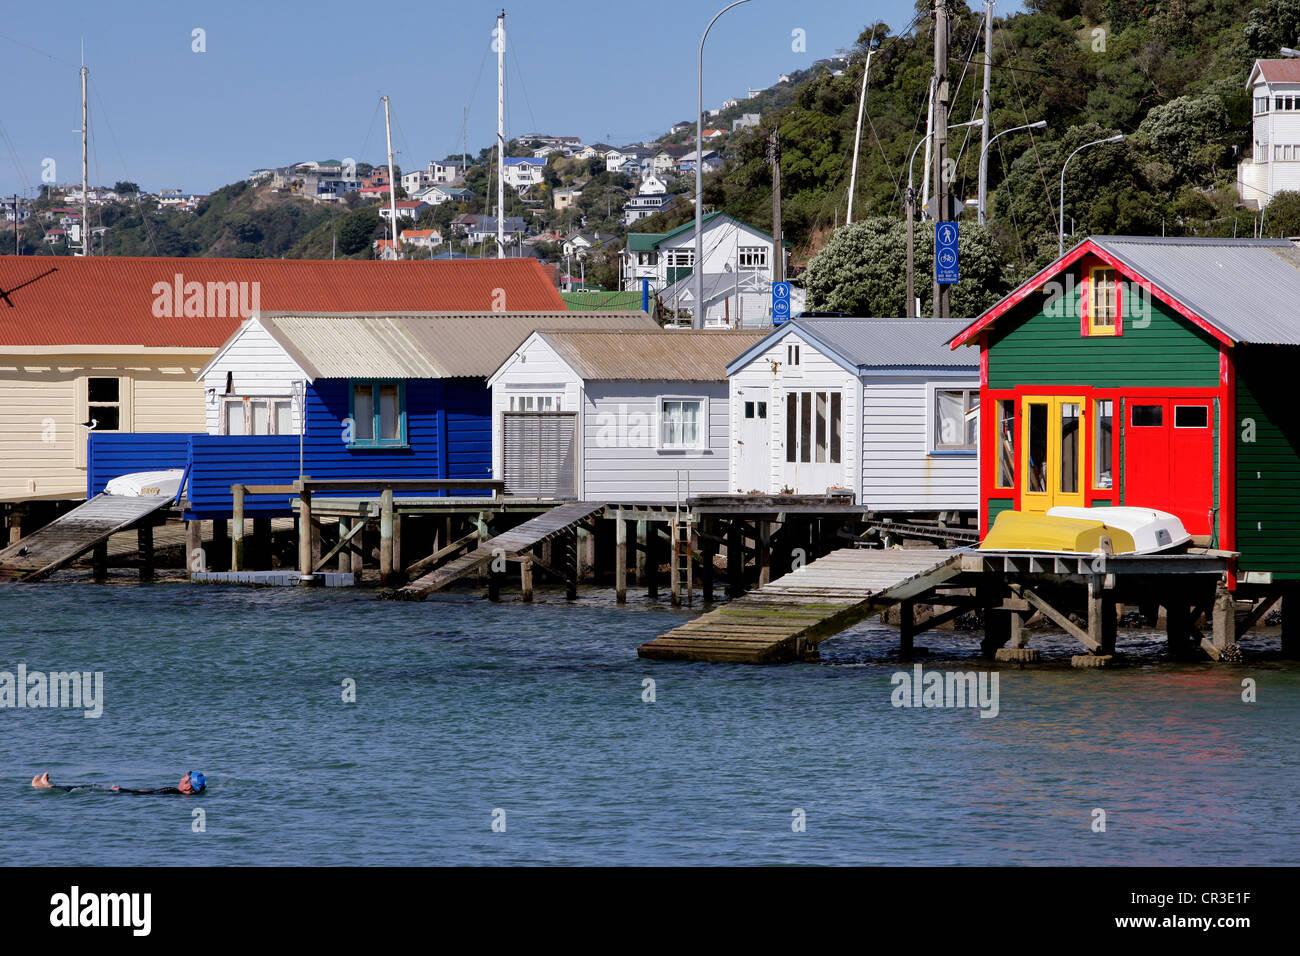 Nouvelle-Zelande, Wellington, houses on stilts - Stock Image